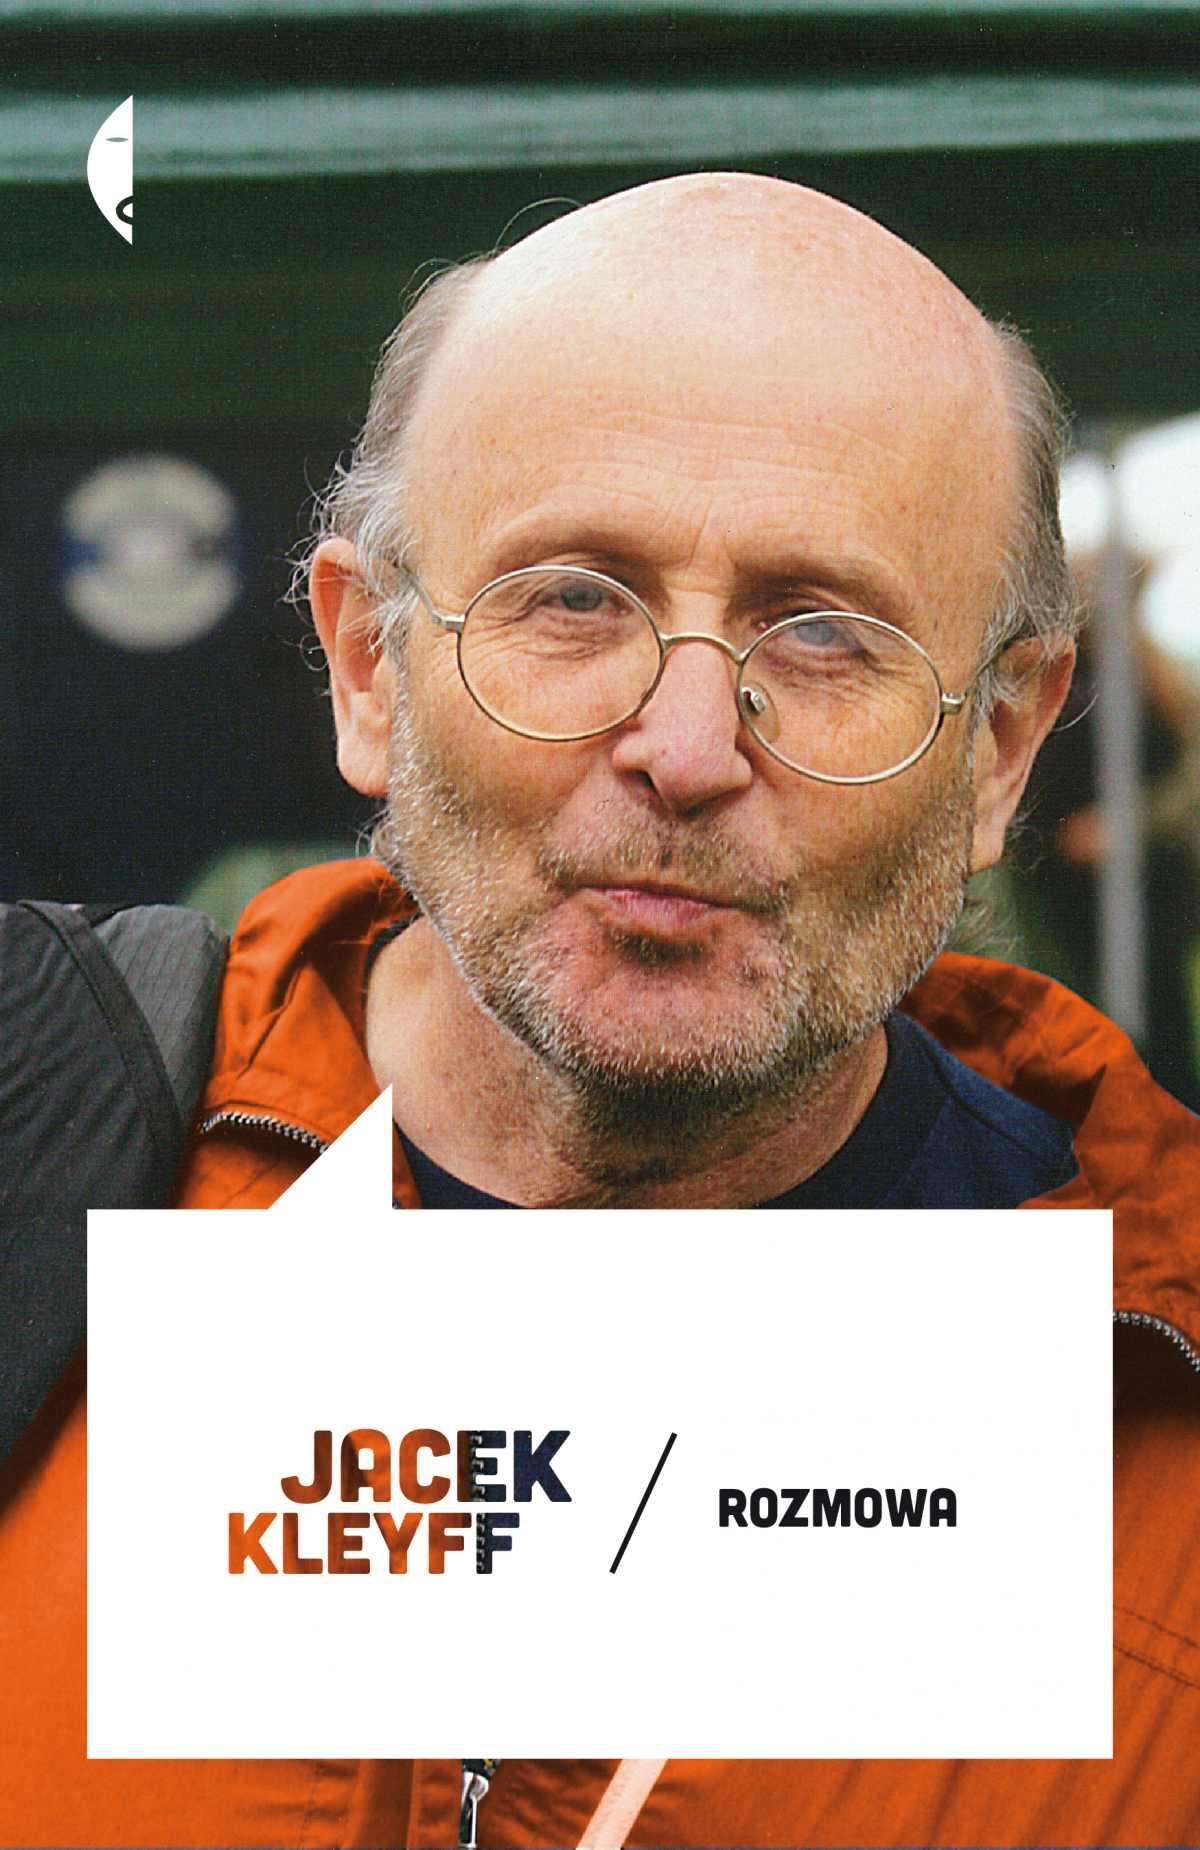 Rozmowa - Ebook (Książka EPUB) do pobrania w formacie EPUB